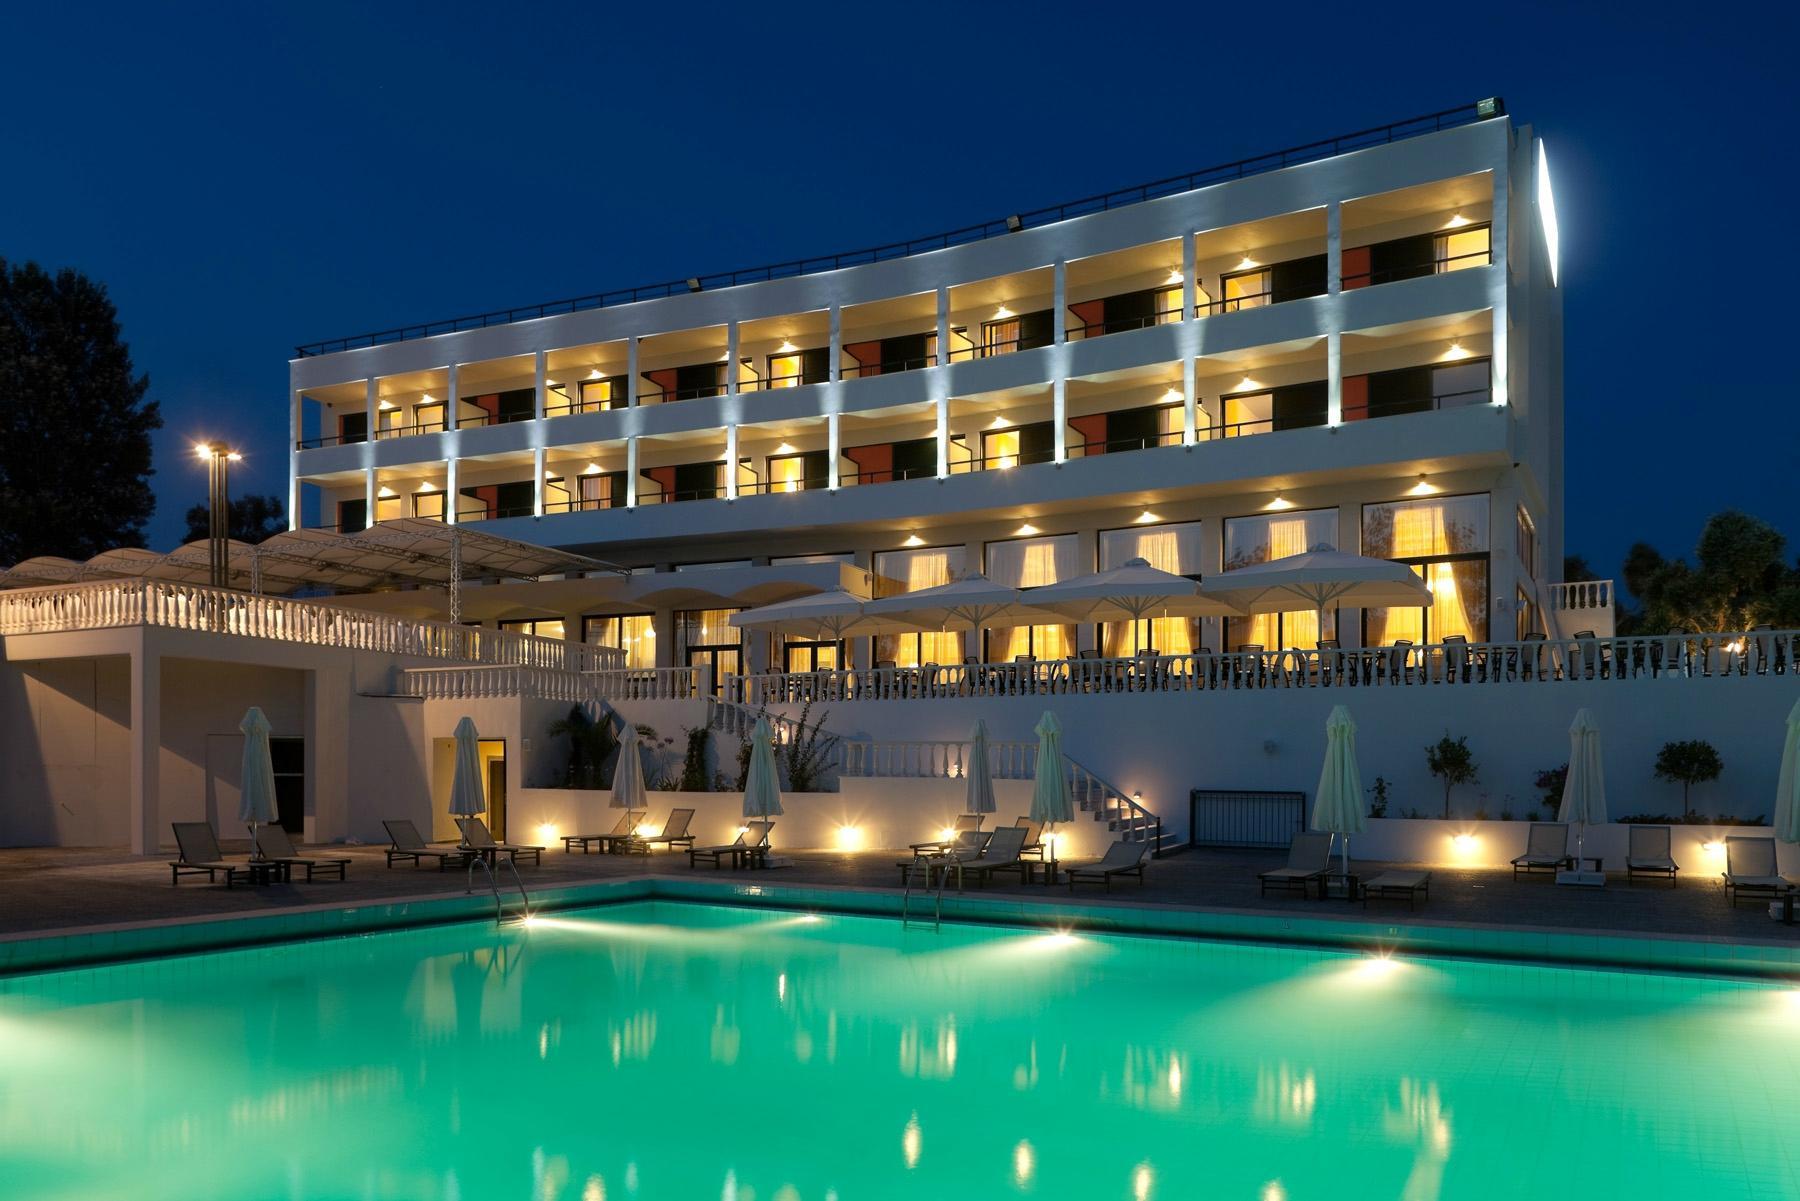 마르가로나 로열 호텔